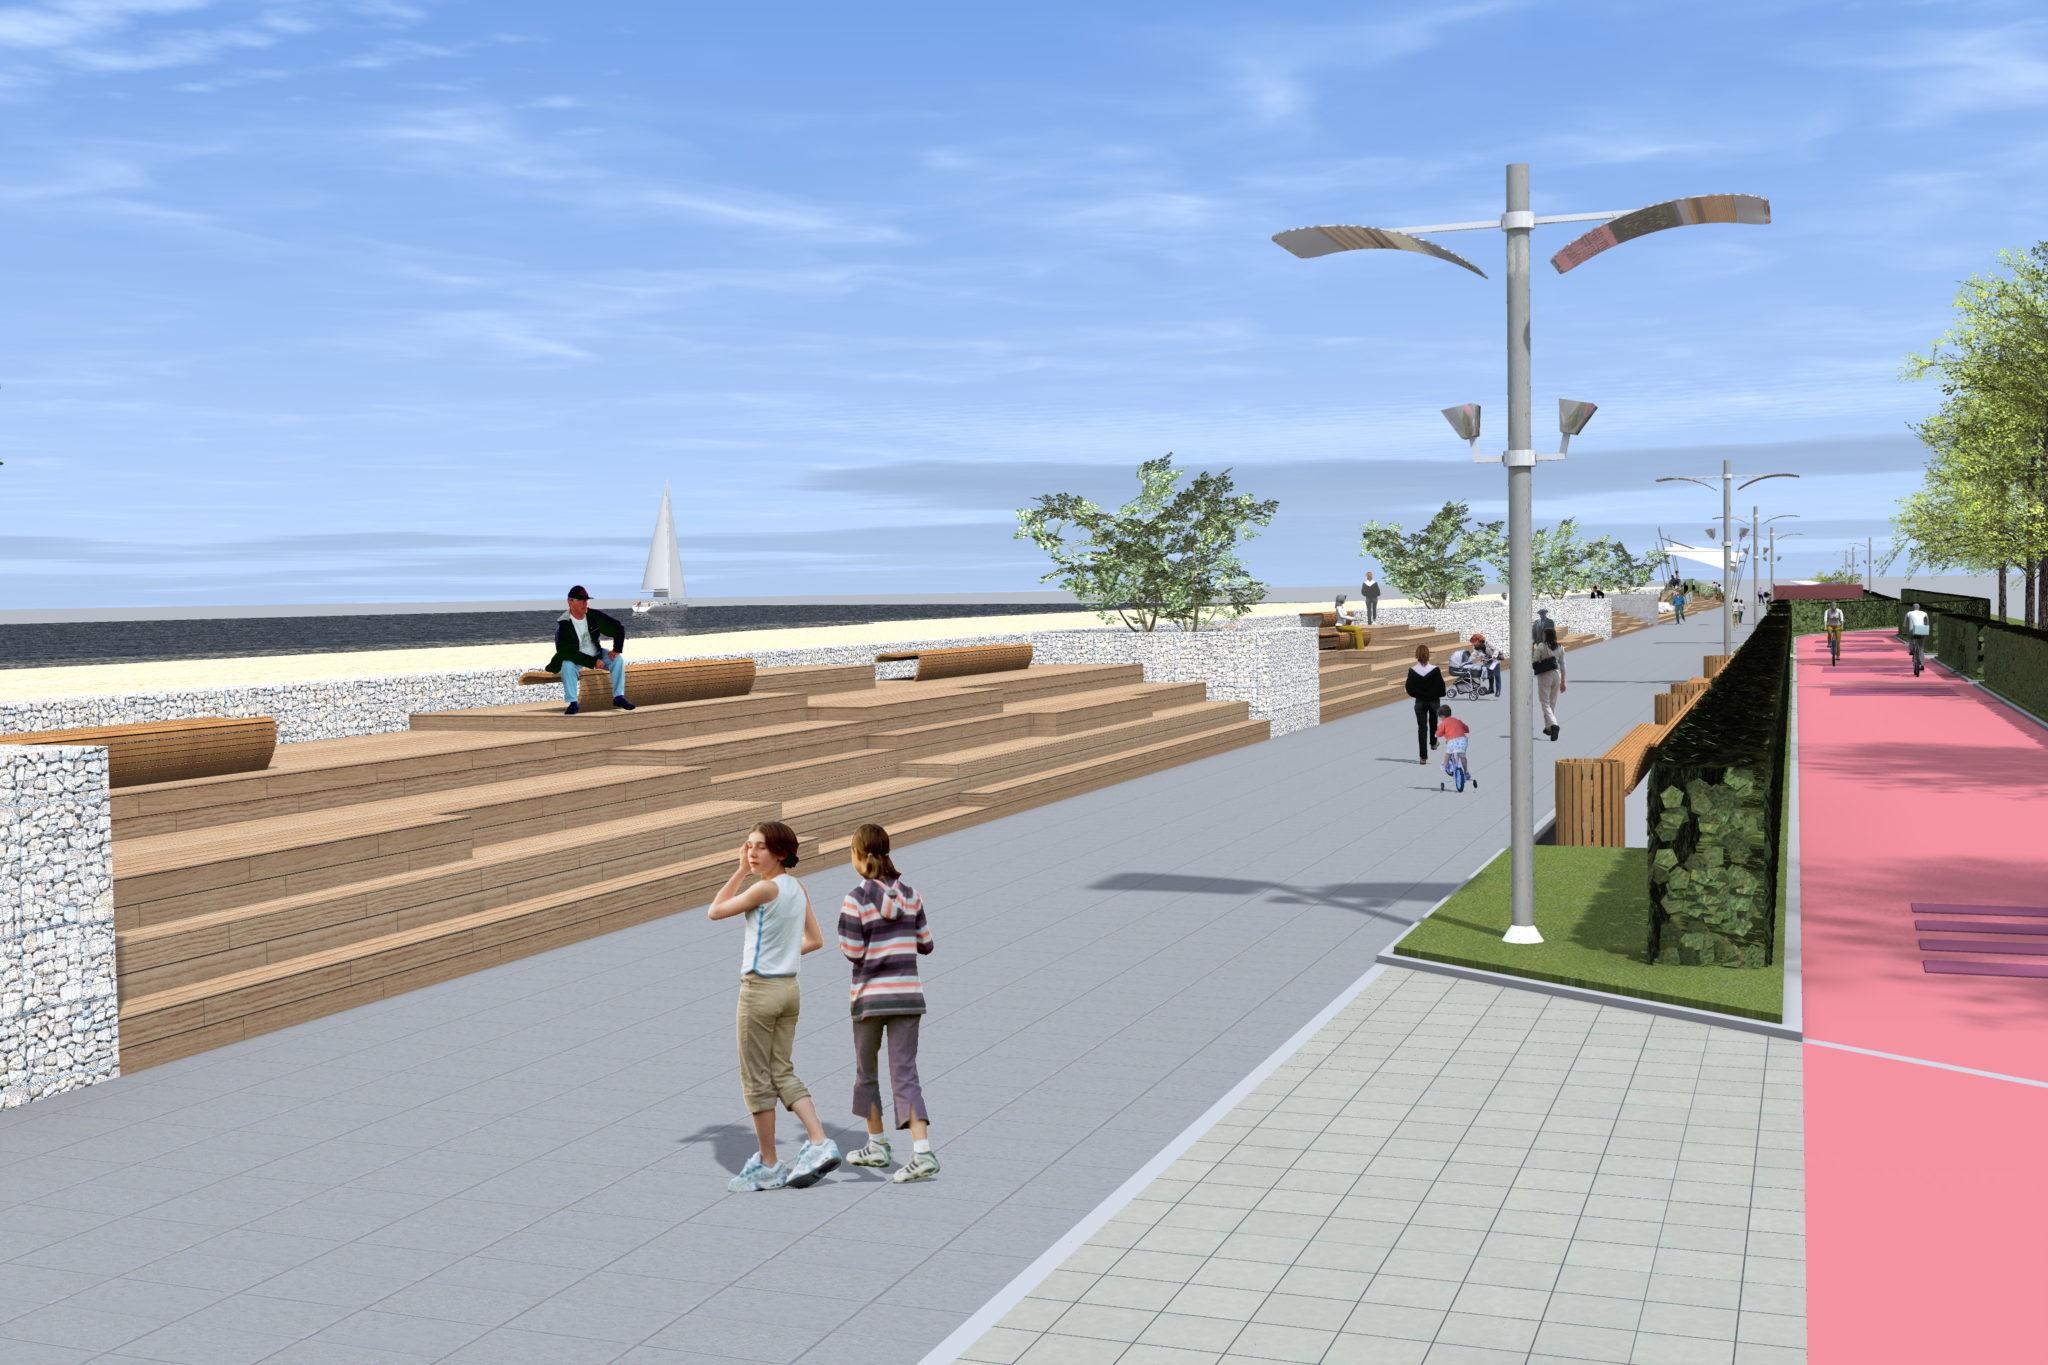 4 1 - Tak ma wyglądać po przebudowie ostatni odcinek nadmorskiej promenady. Miasto wchodzi w inwestycję, by nie utracić unijnego dofinansowania